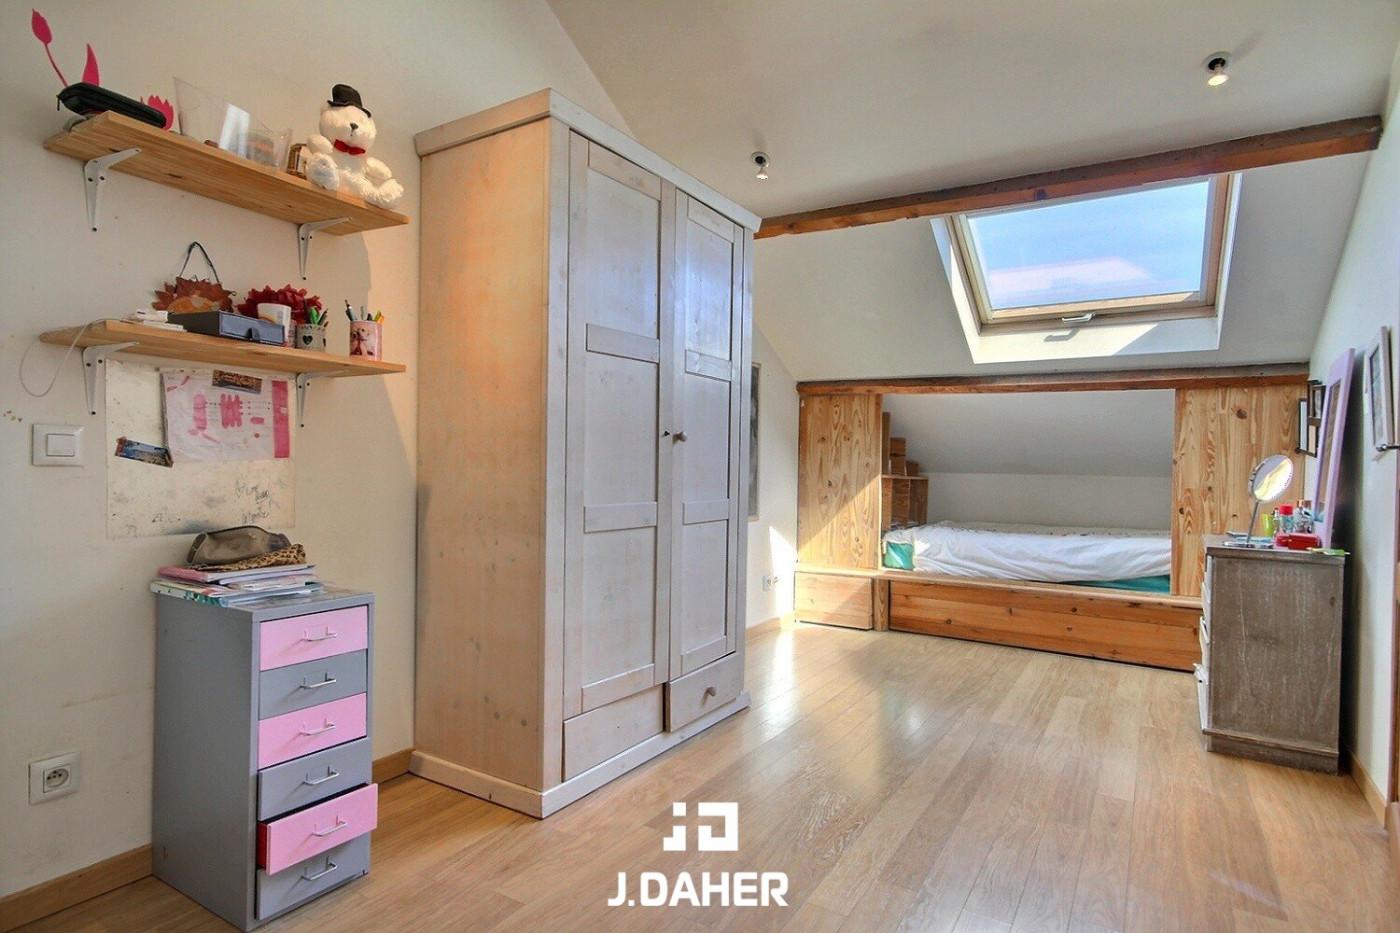 A vendre  Marseille 9eme Arrondissement | Réf 130251076 - J daher immobilier